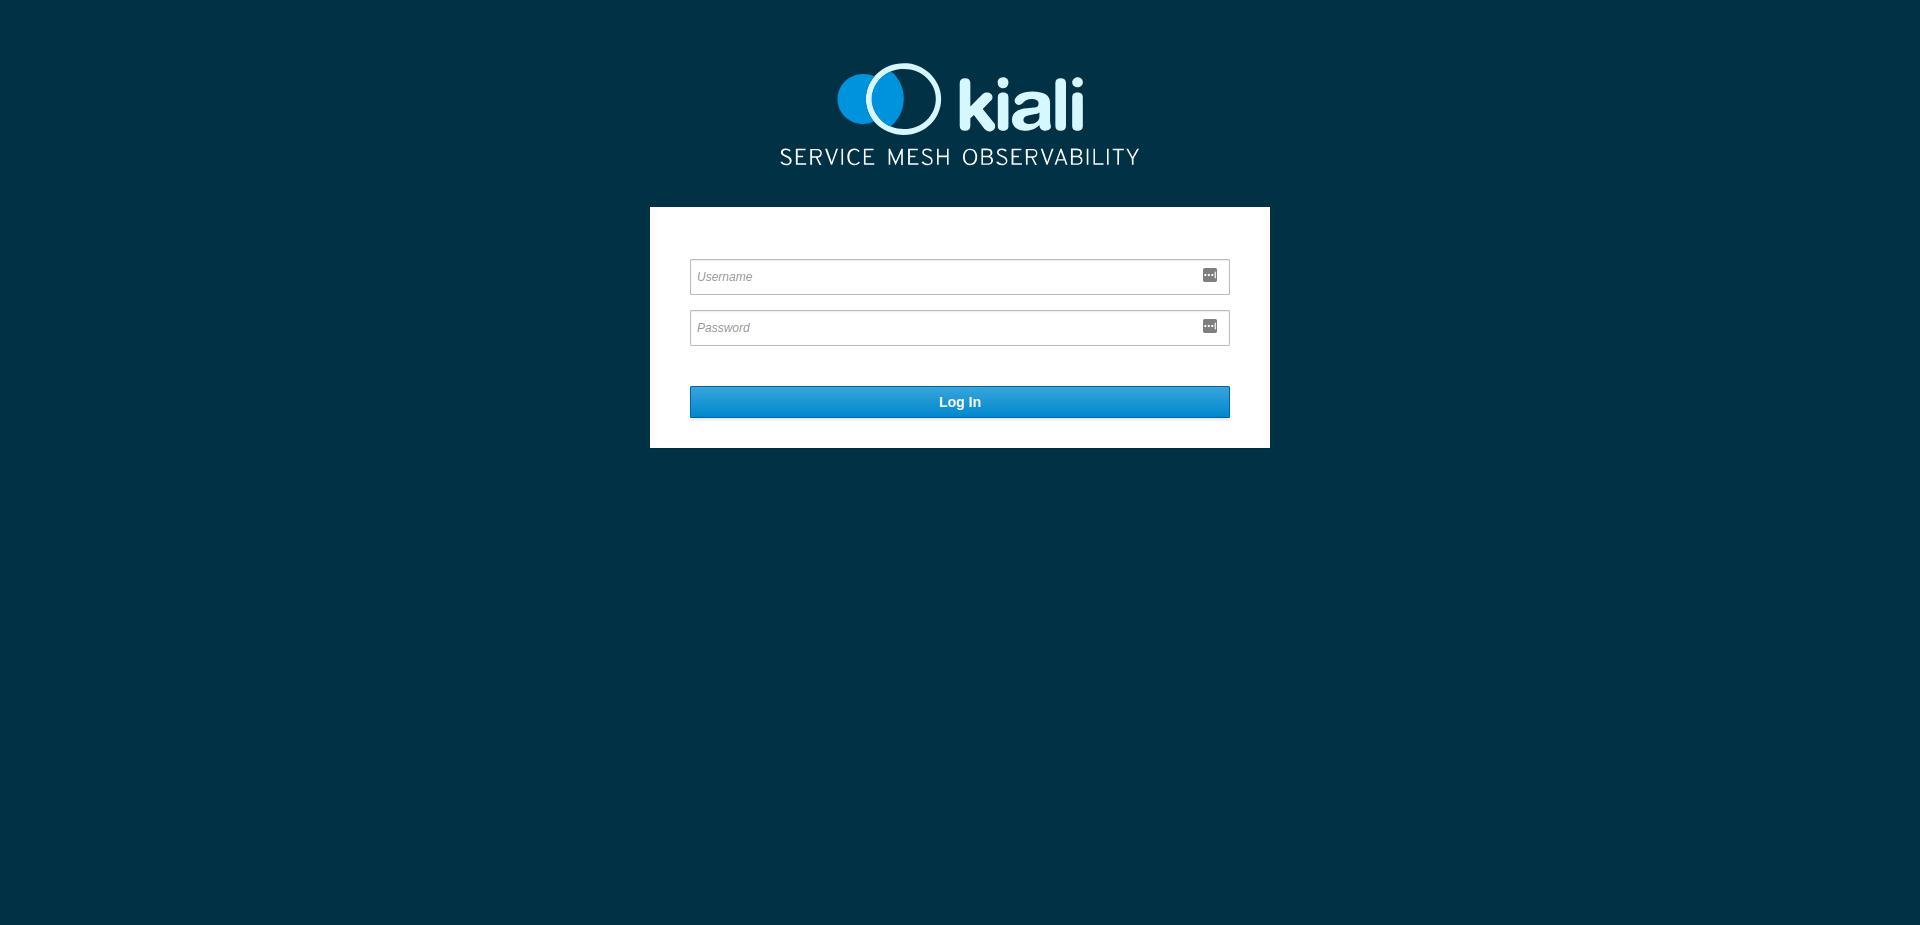 Kiali | openshift | Katacoda